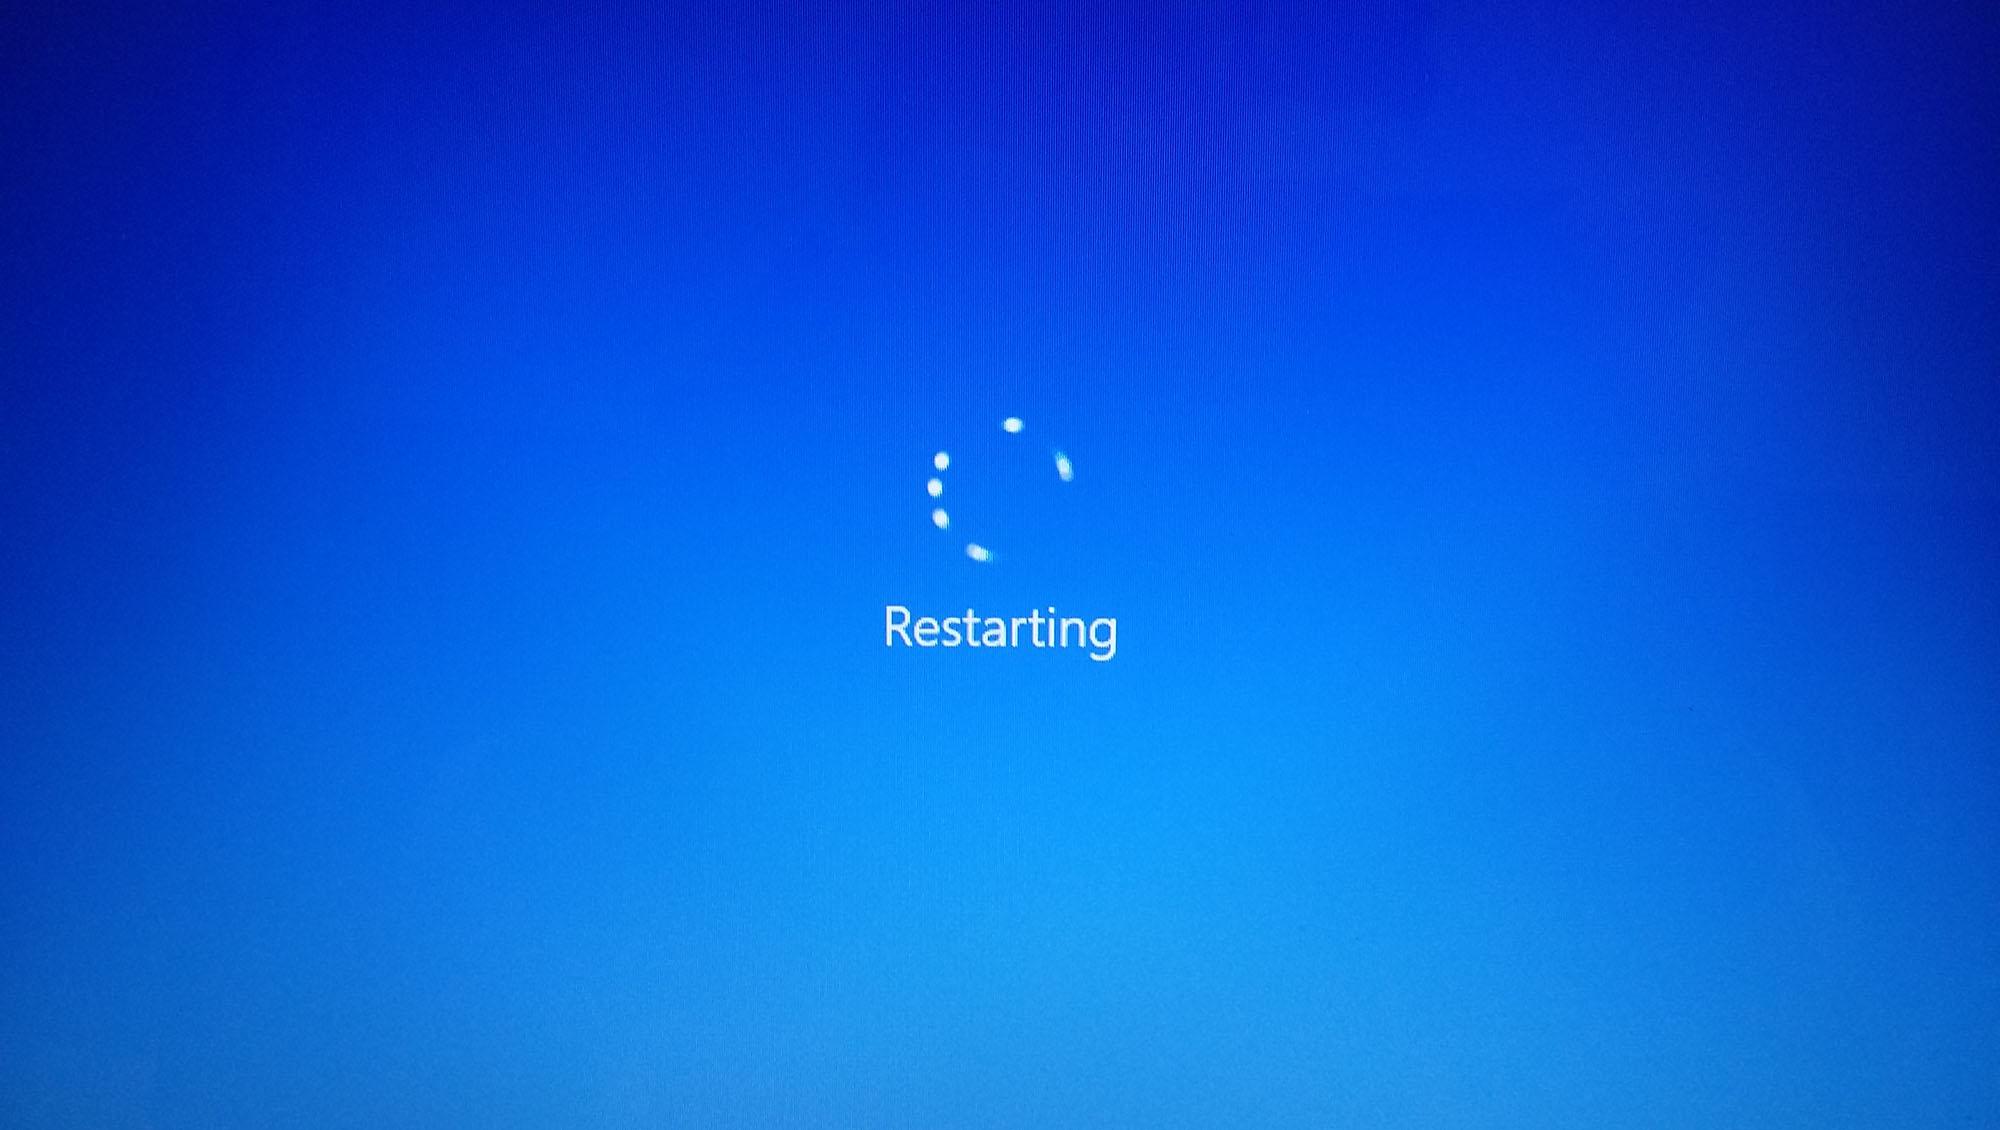 La migration vers Windows 11 devrait être gratuite pour les propriétaires d'un PC Windows